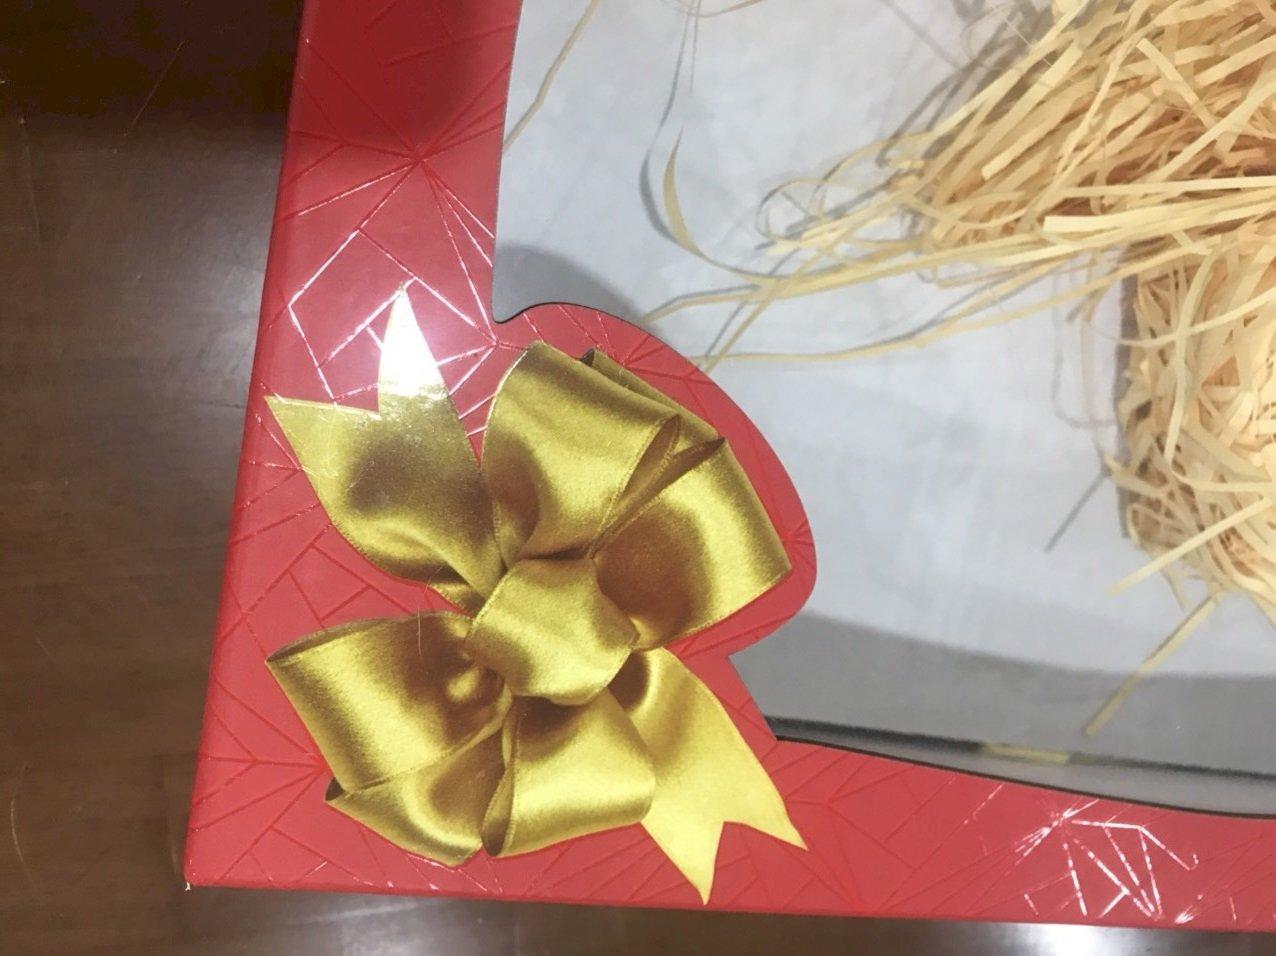 Chất liệu giấy in vỏ hộp quà, hộp đựng, hộp giấy in offset, in ghép bài offset